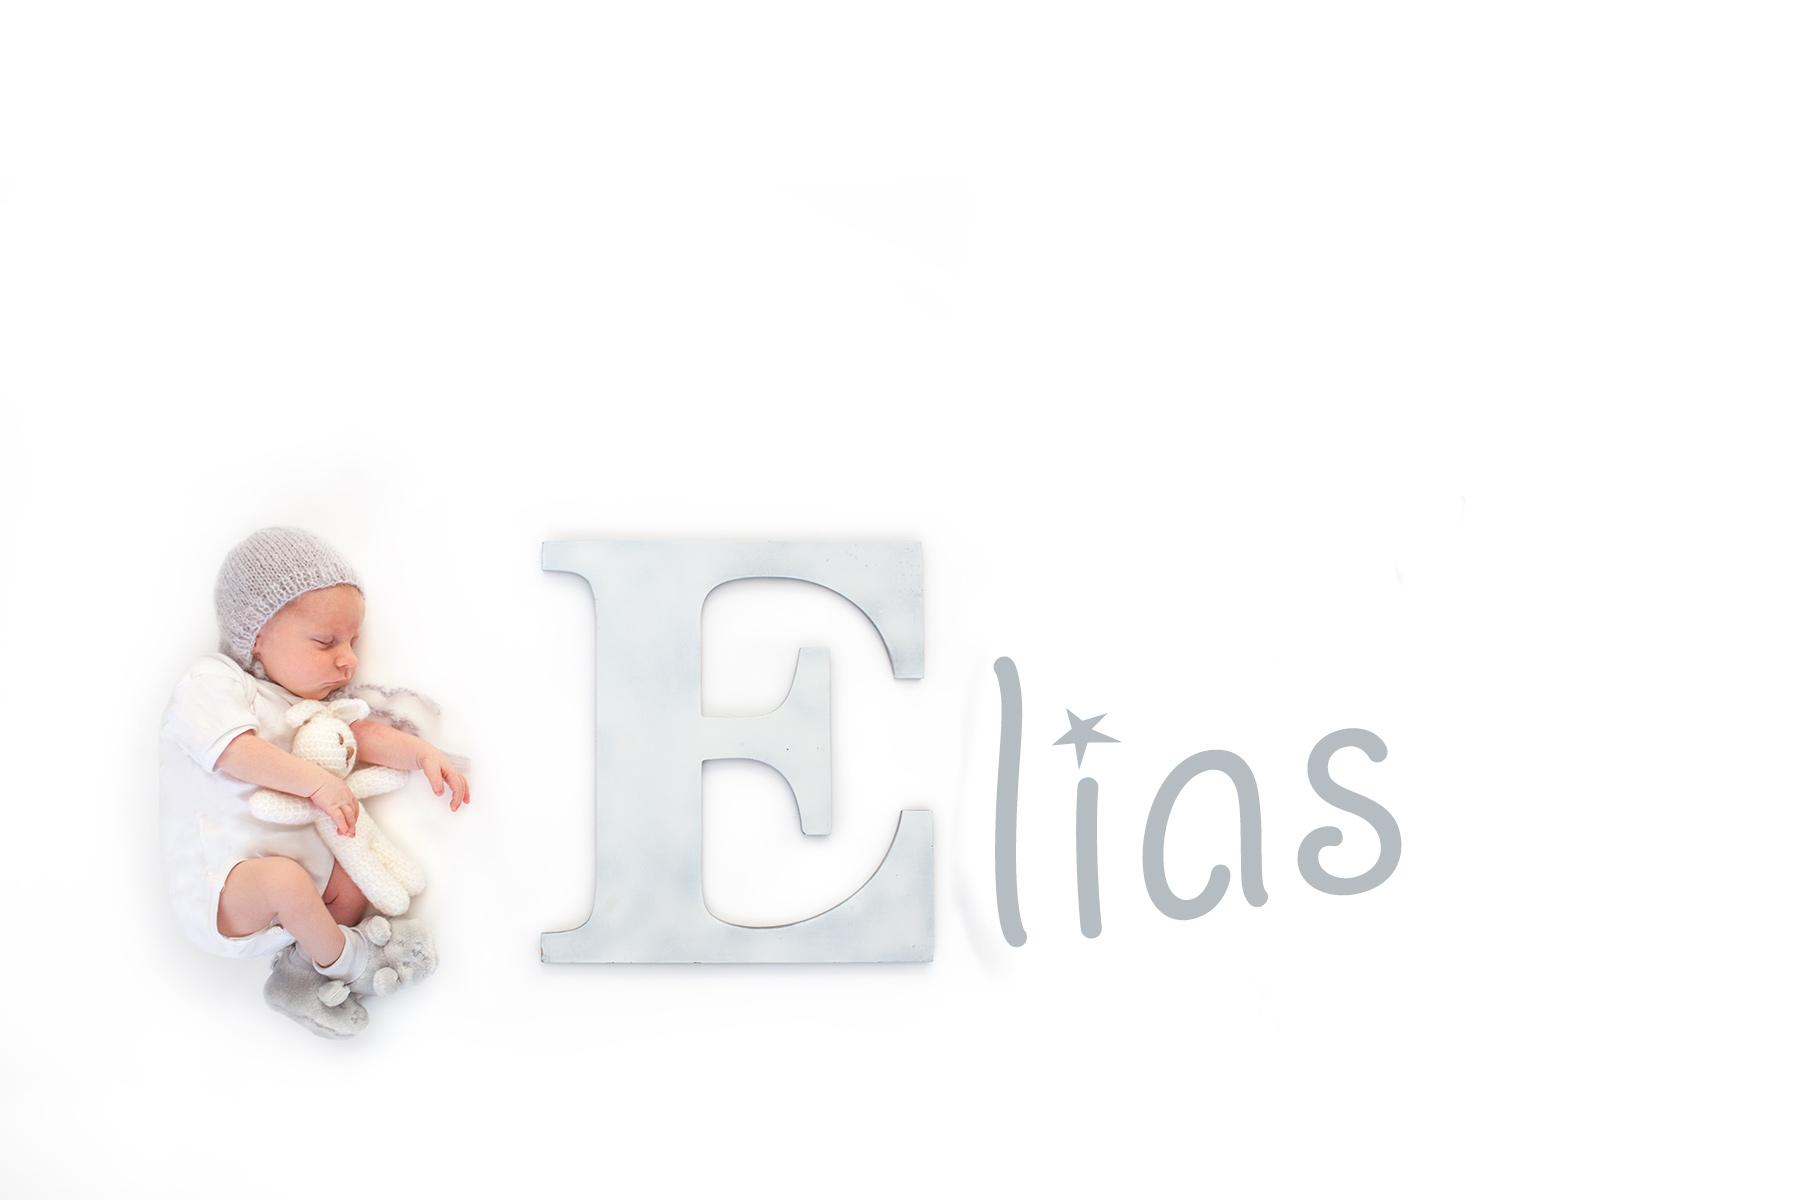 fotoM_Elias_7206-E4